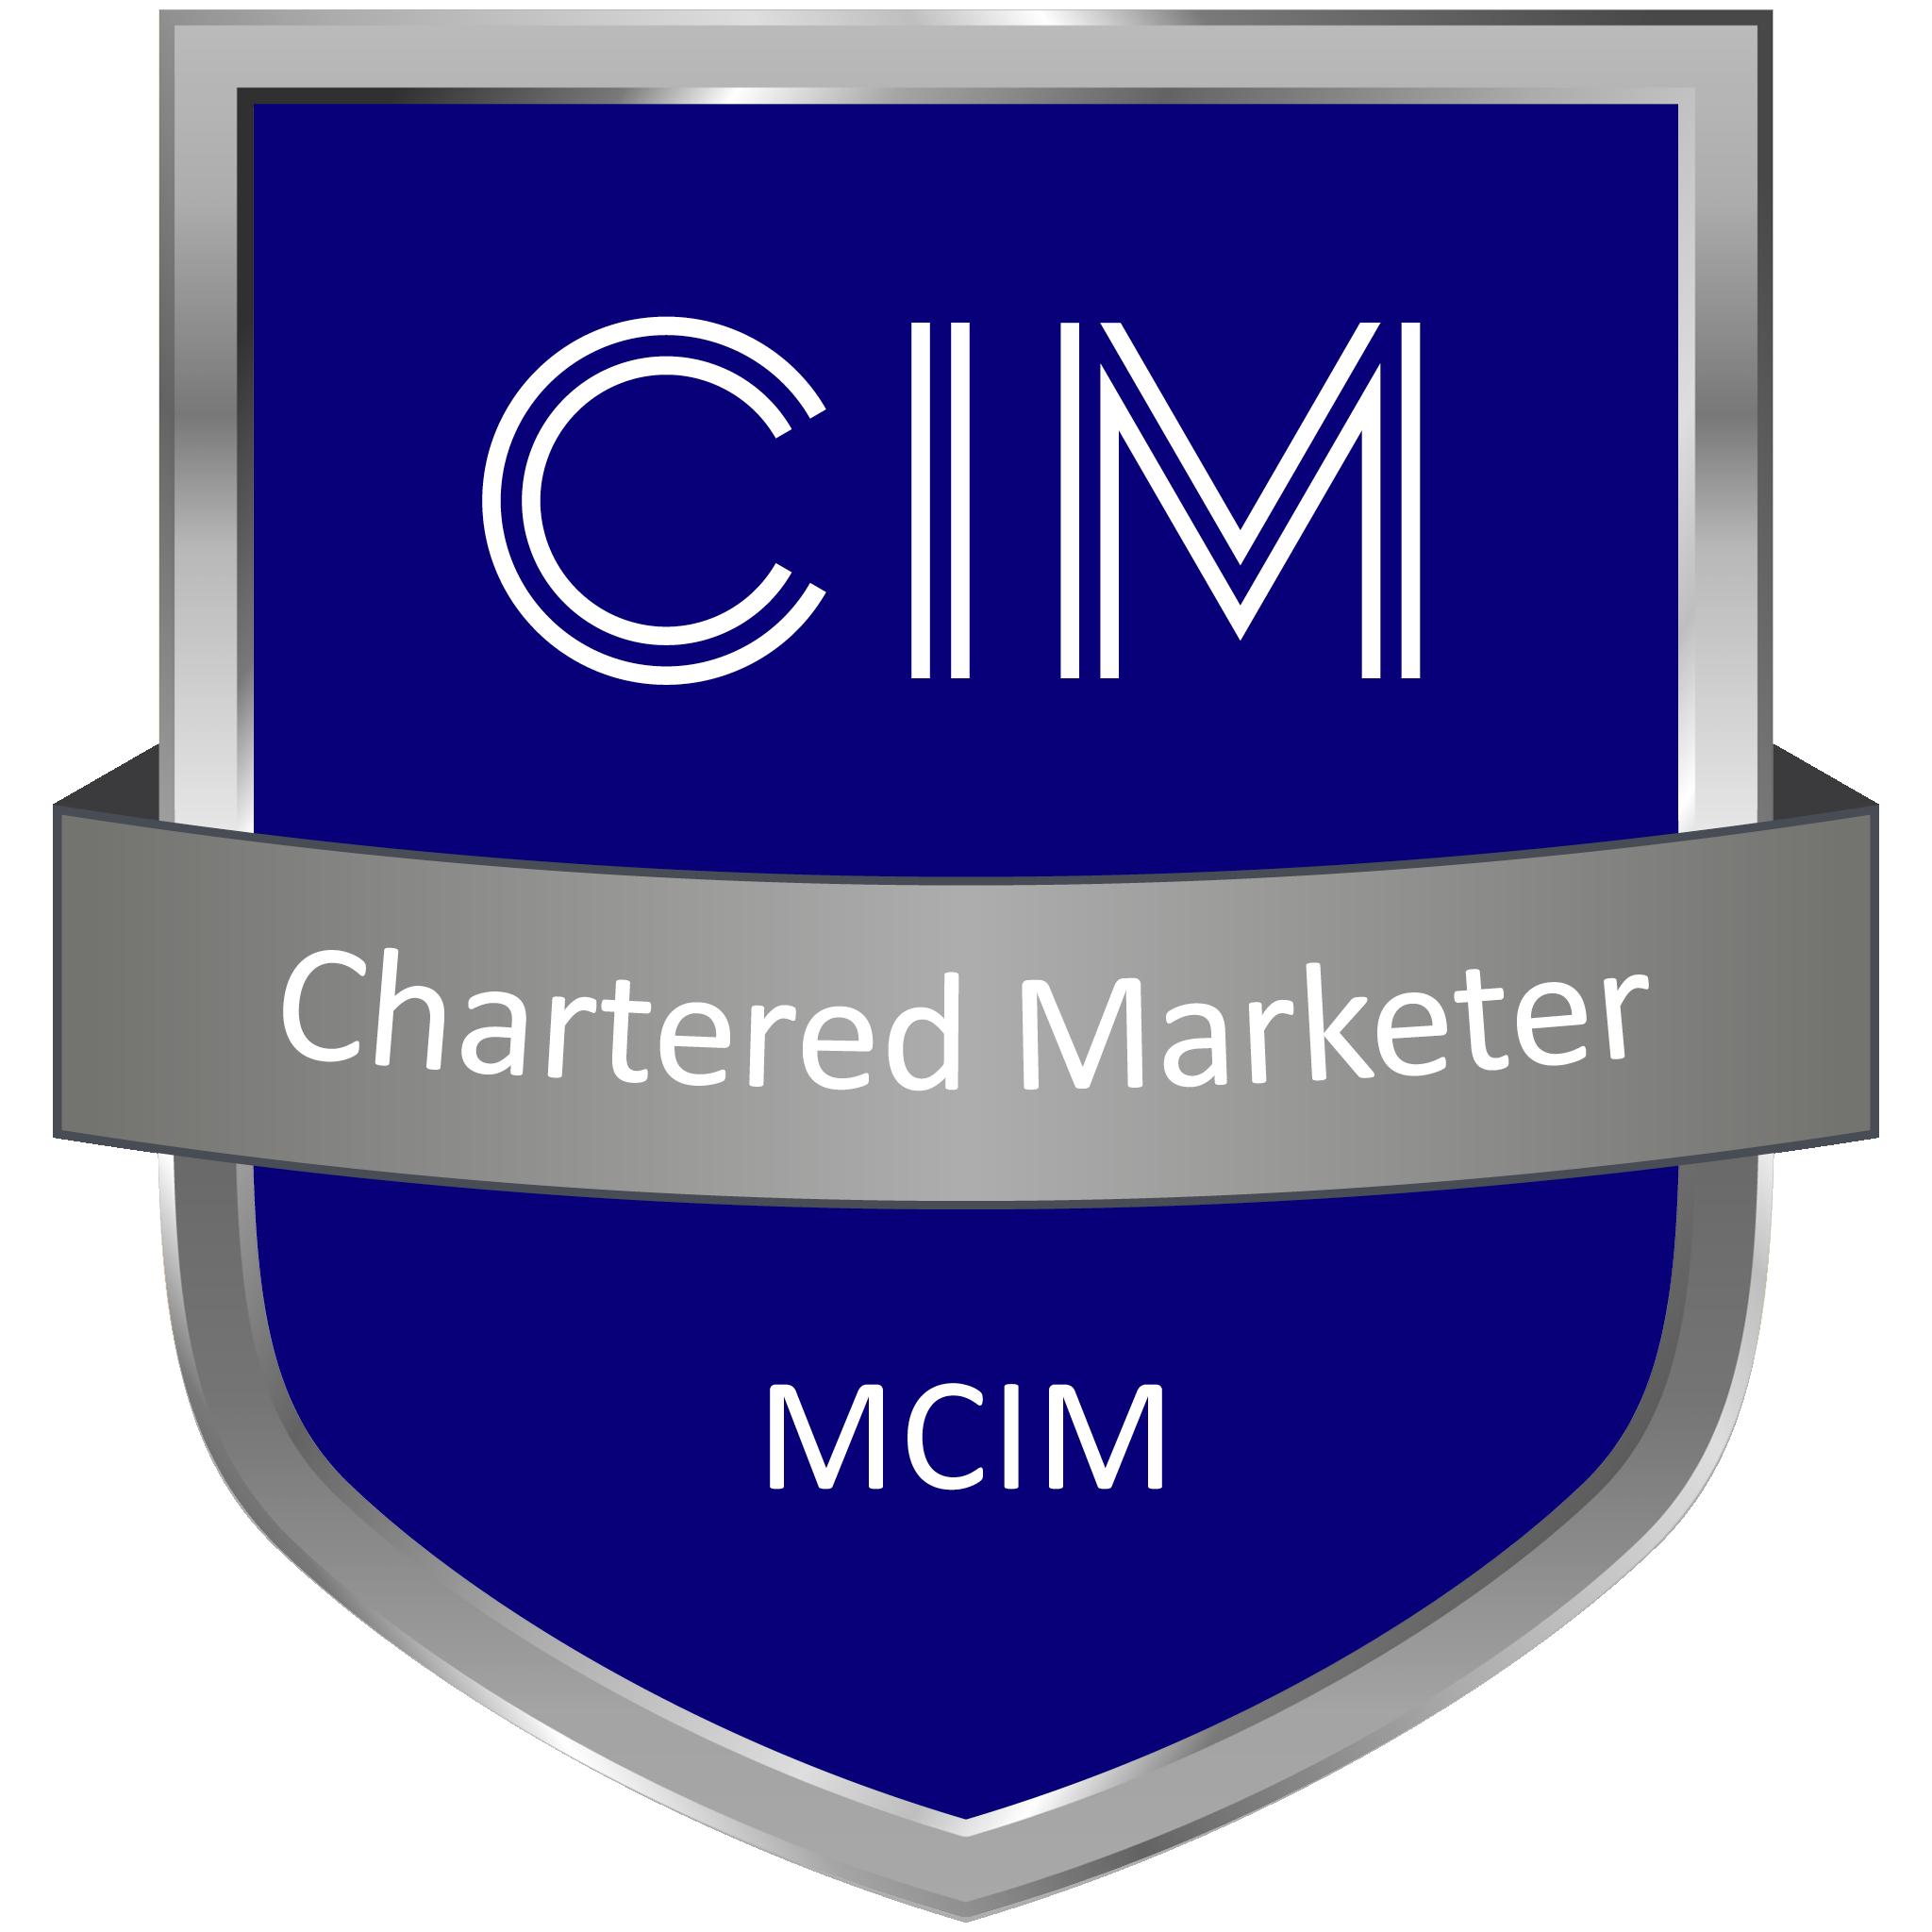 CIM Chartered Marketer MCIM Member